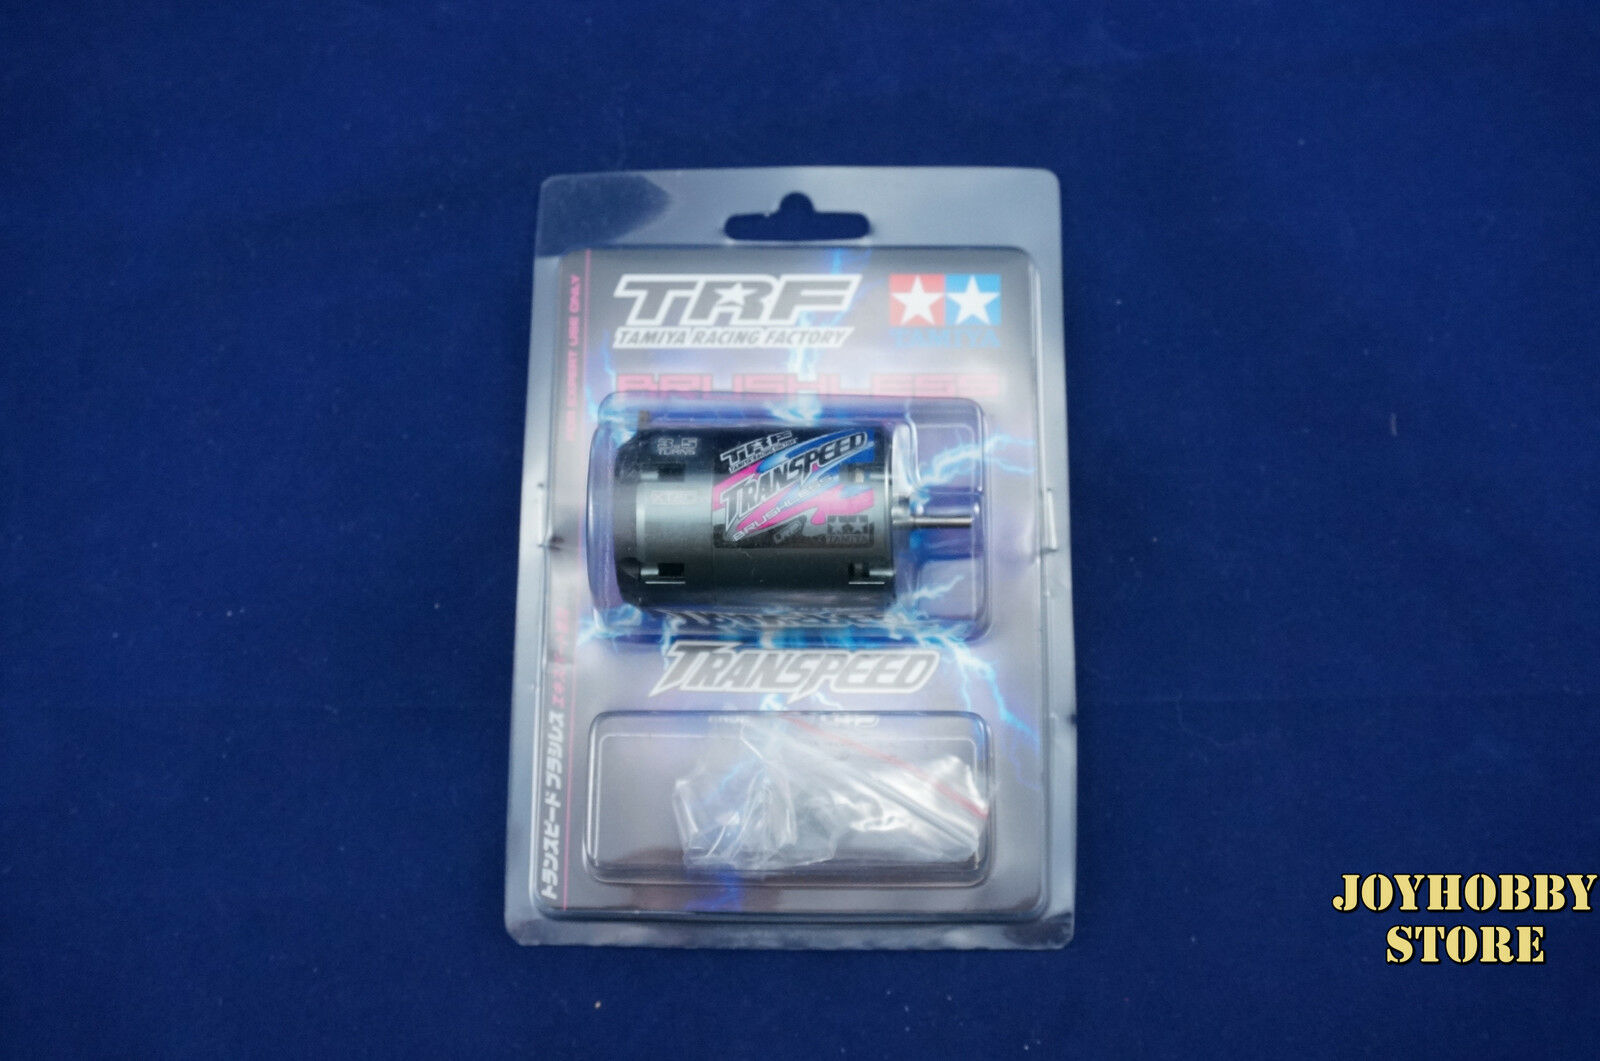 Tamiya 42124 Hp Motor transpeed 3,5 t-sin escobillas